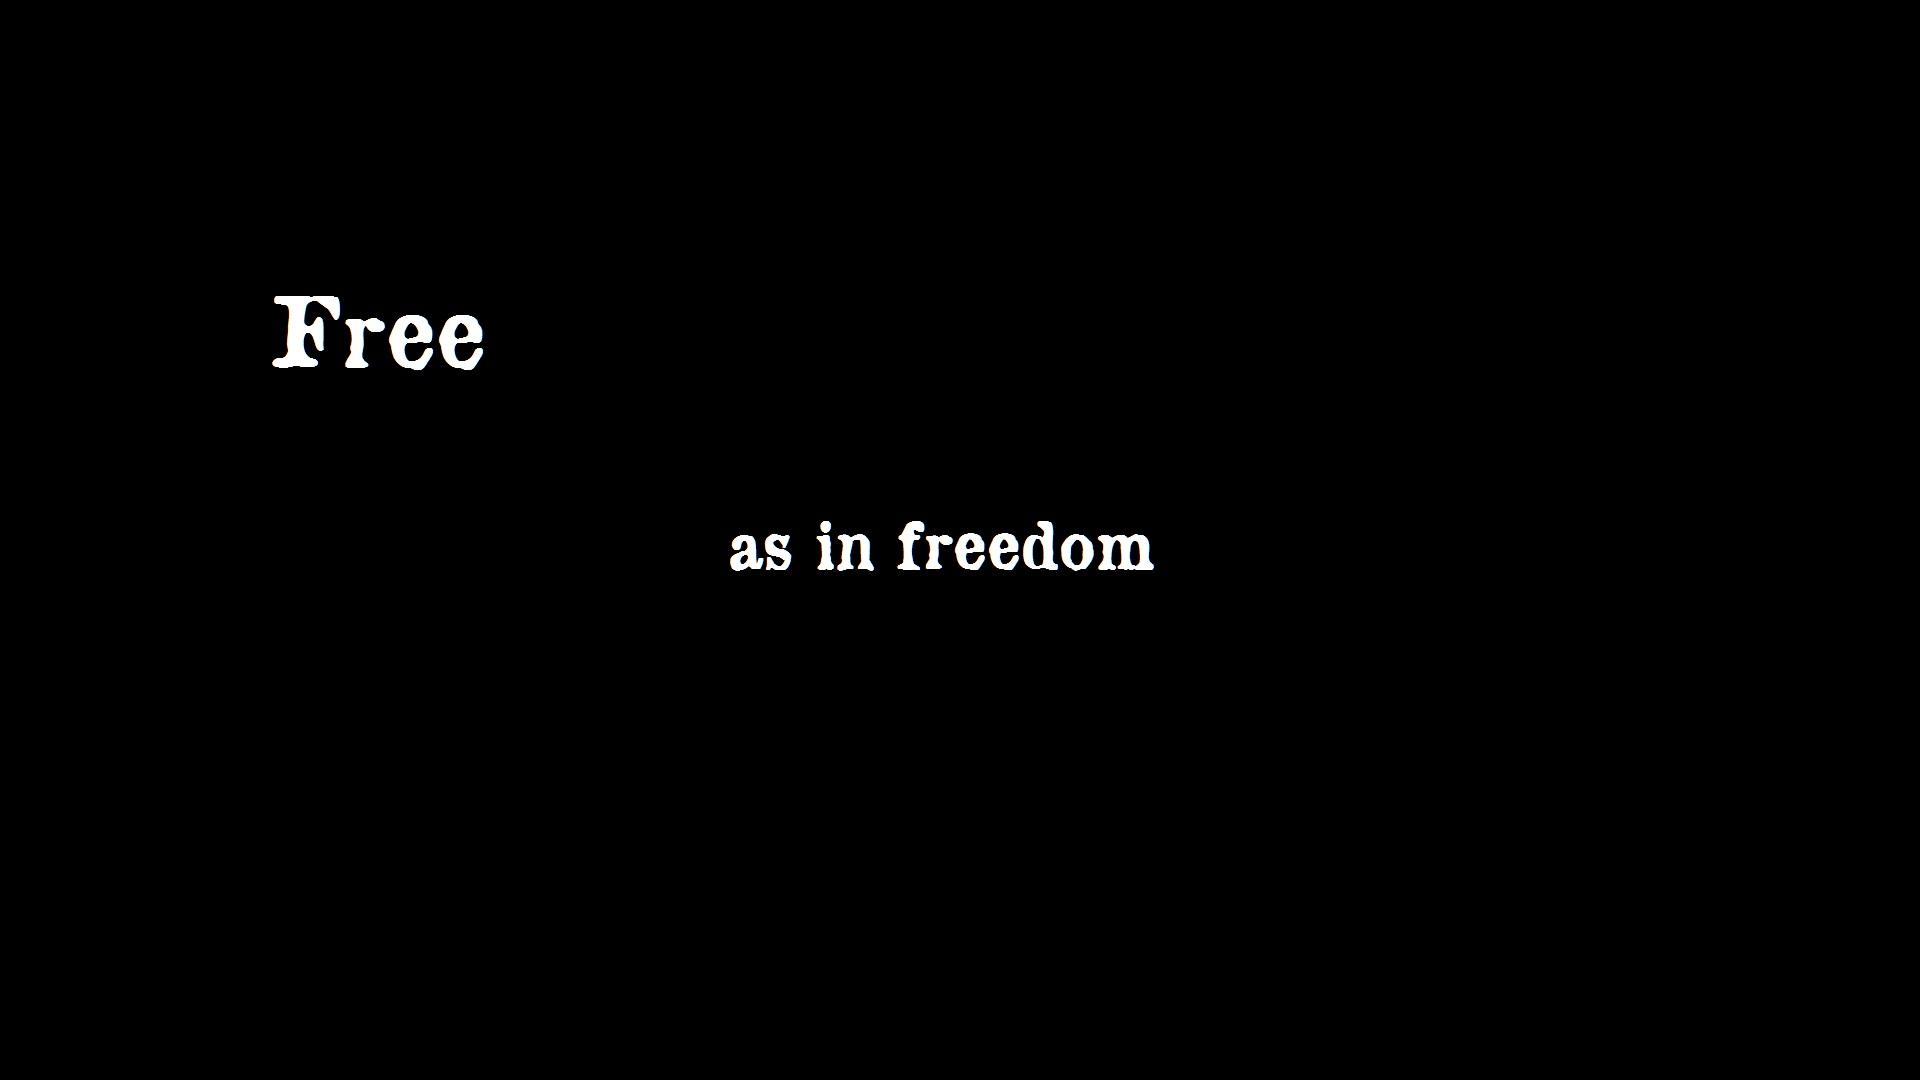 """Frase: free as in freedom. Significado """"Livre como na liberdade"""""""